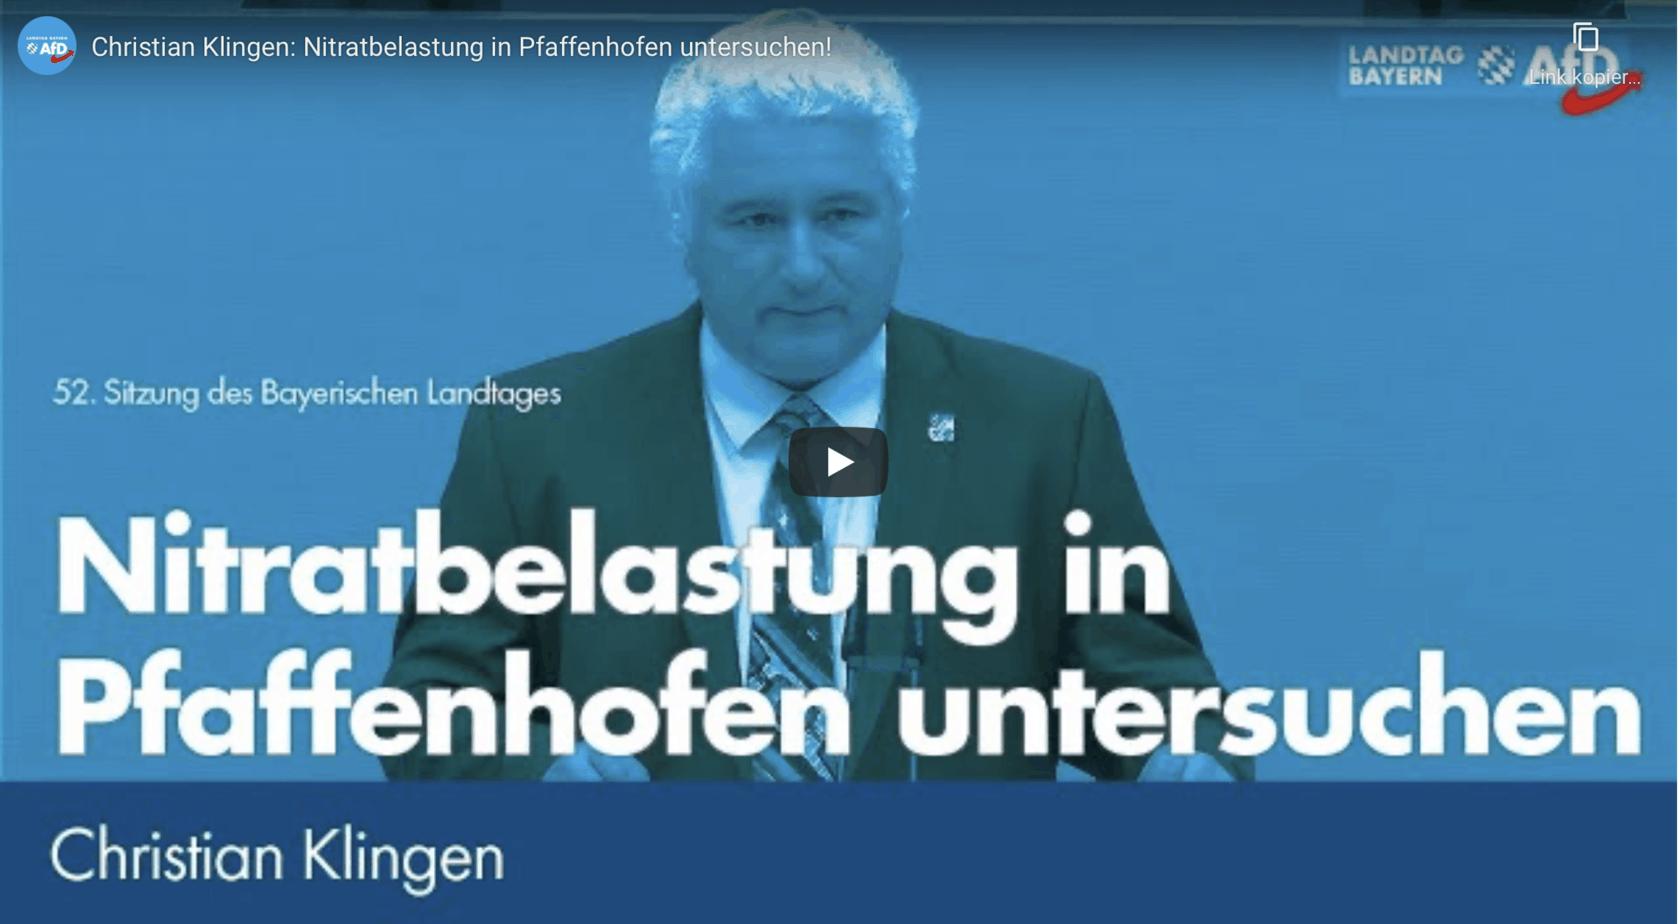 Christian Klingen